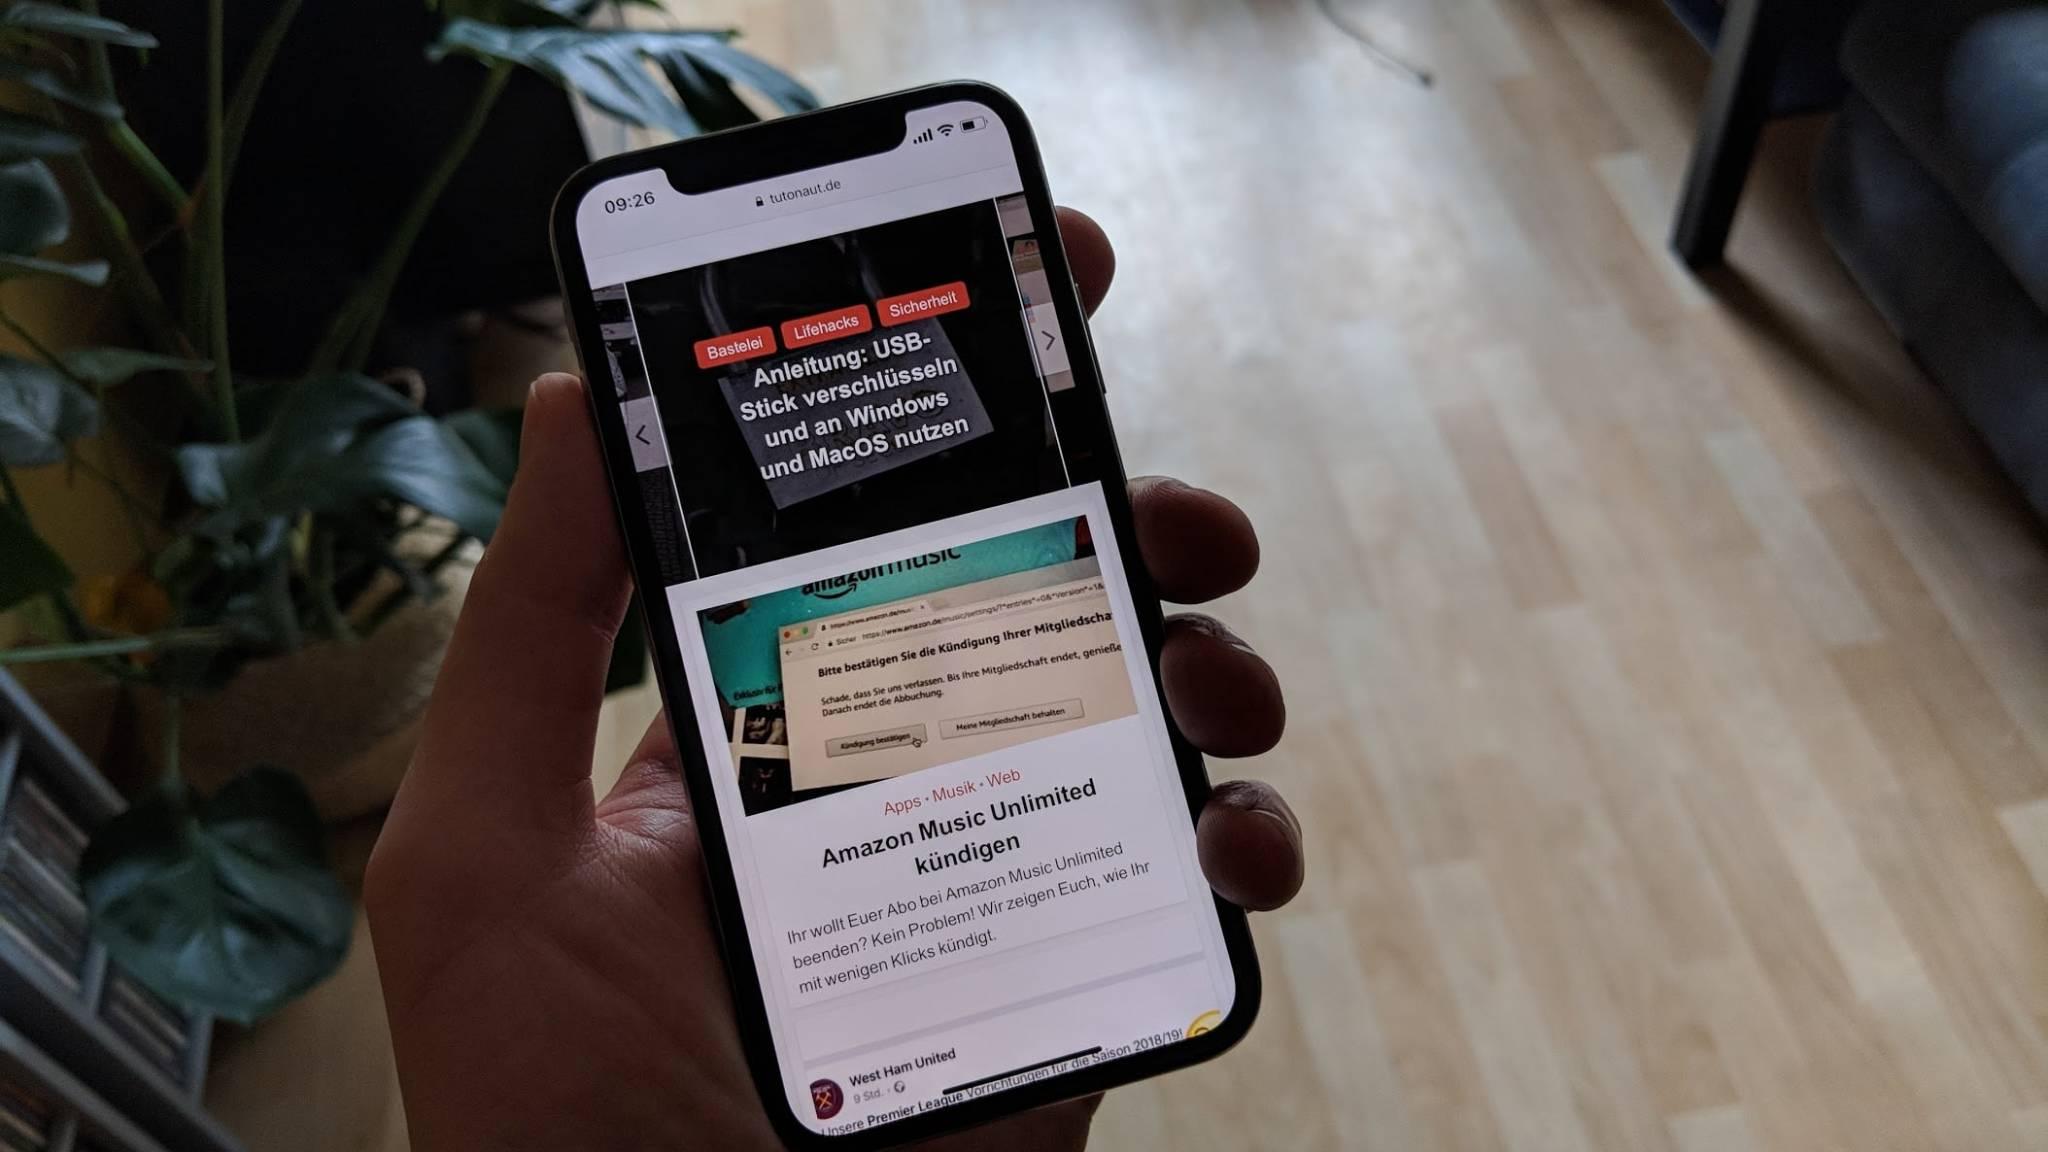 iPhone X: 12 praktische Tipps zum Edel-iPhone - Der Tutonaut